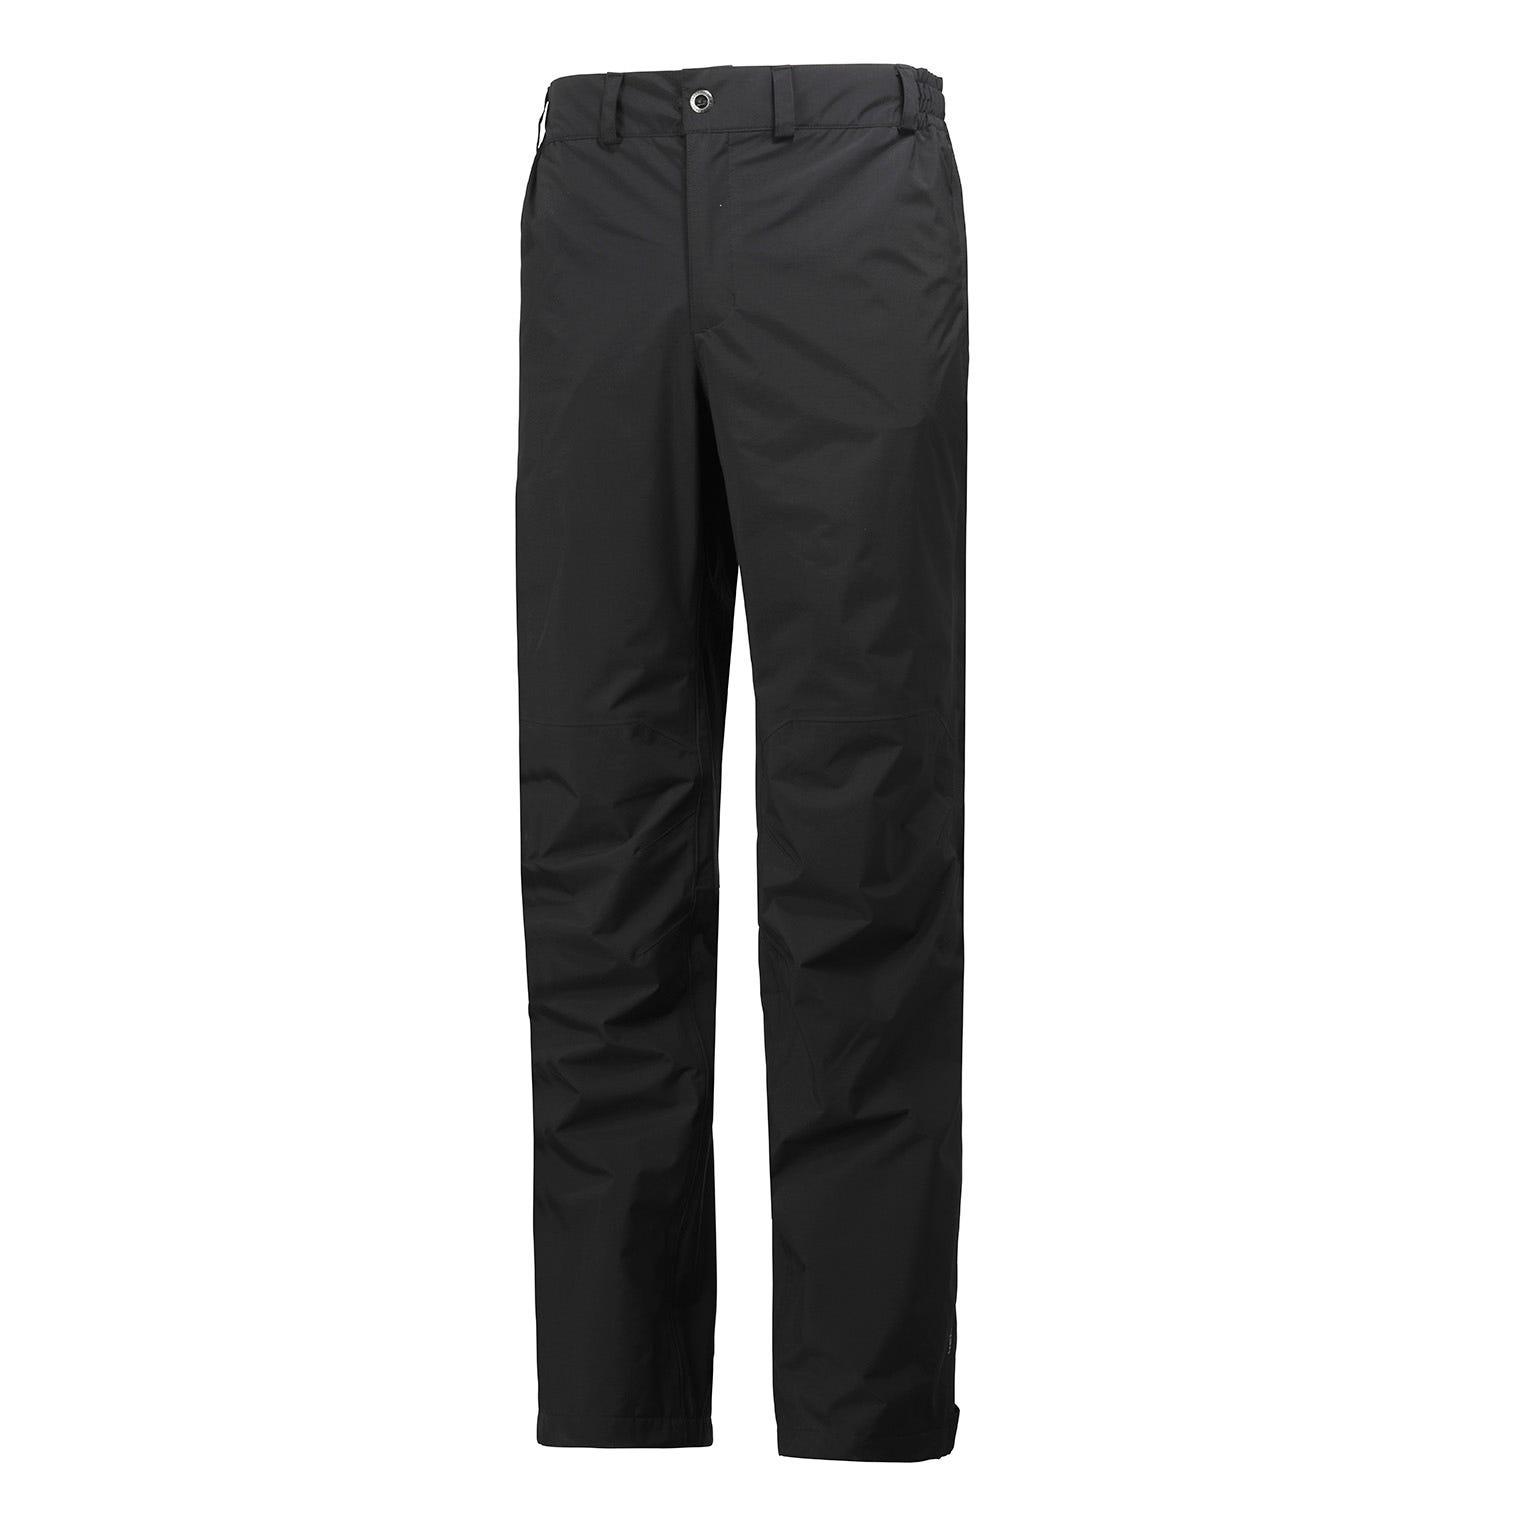 Helly Hansen Packable Pant XXXL Black